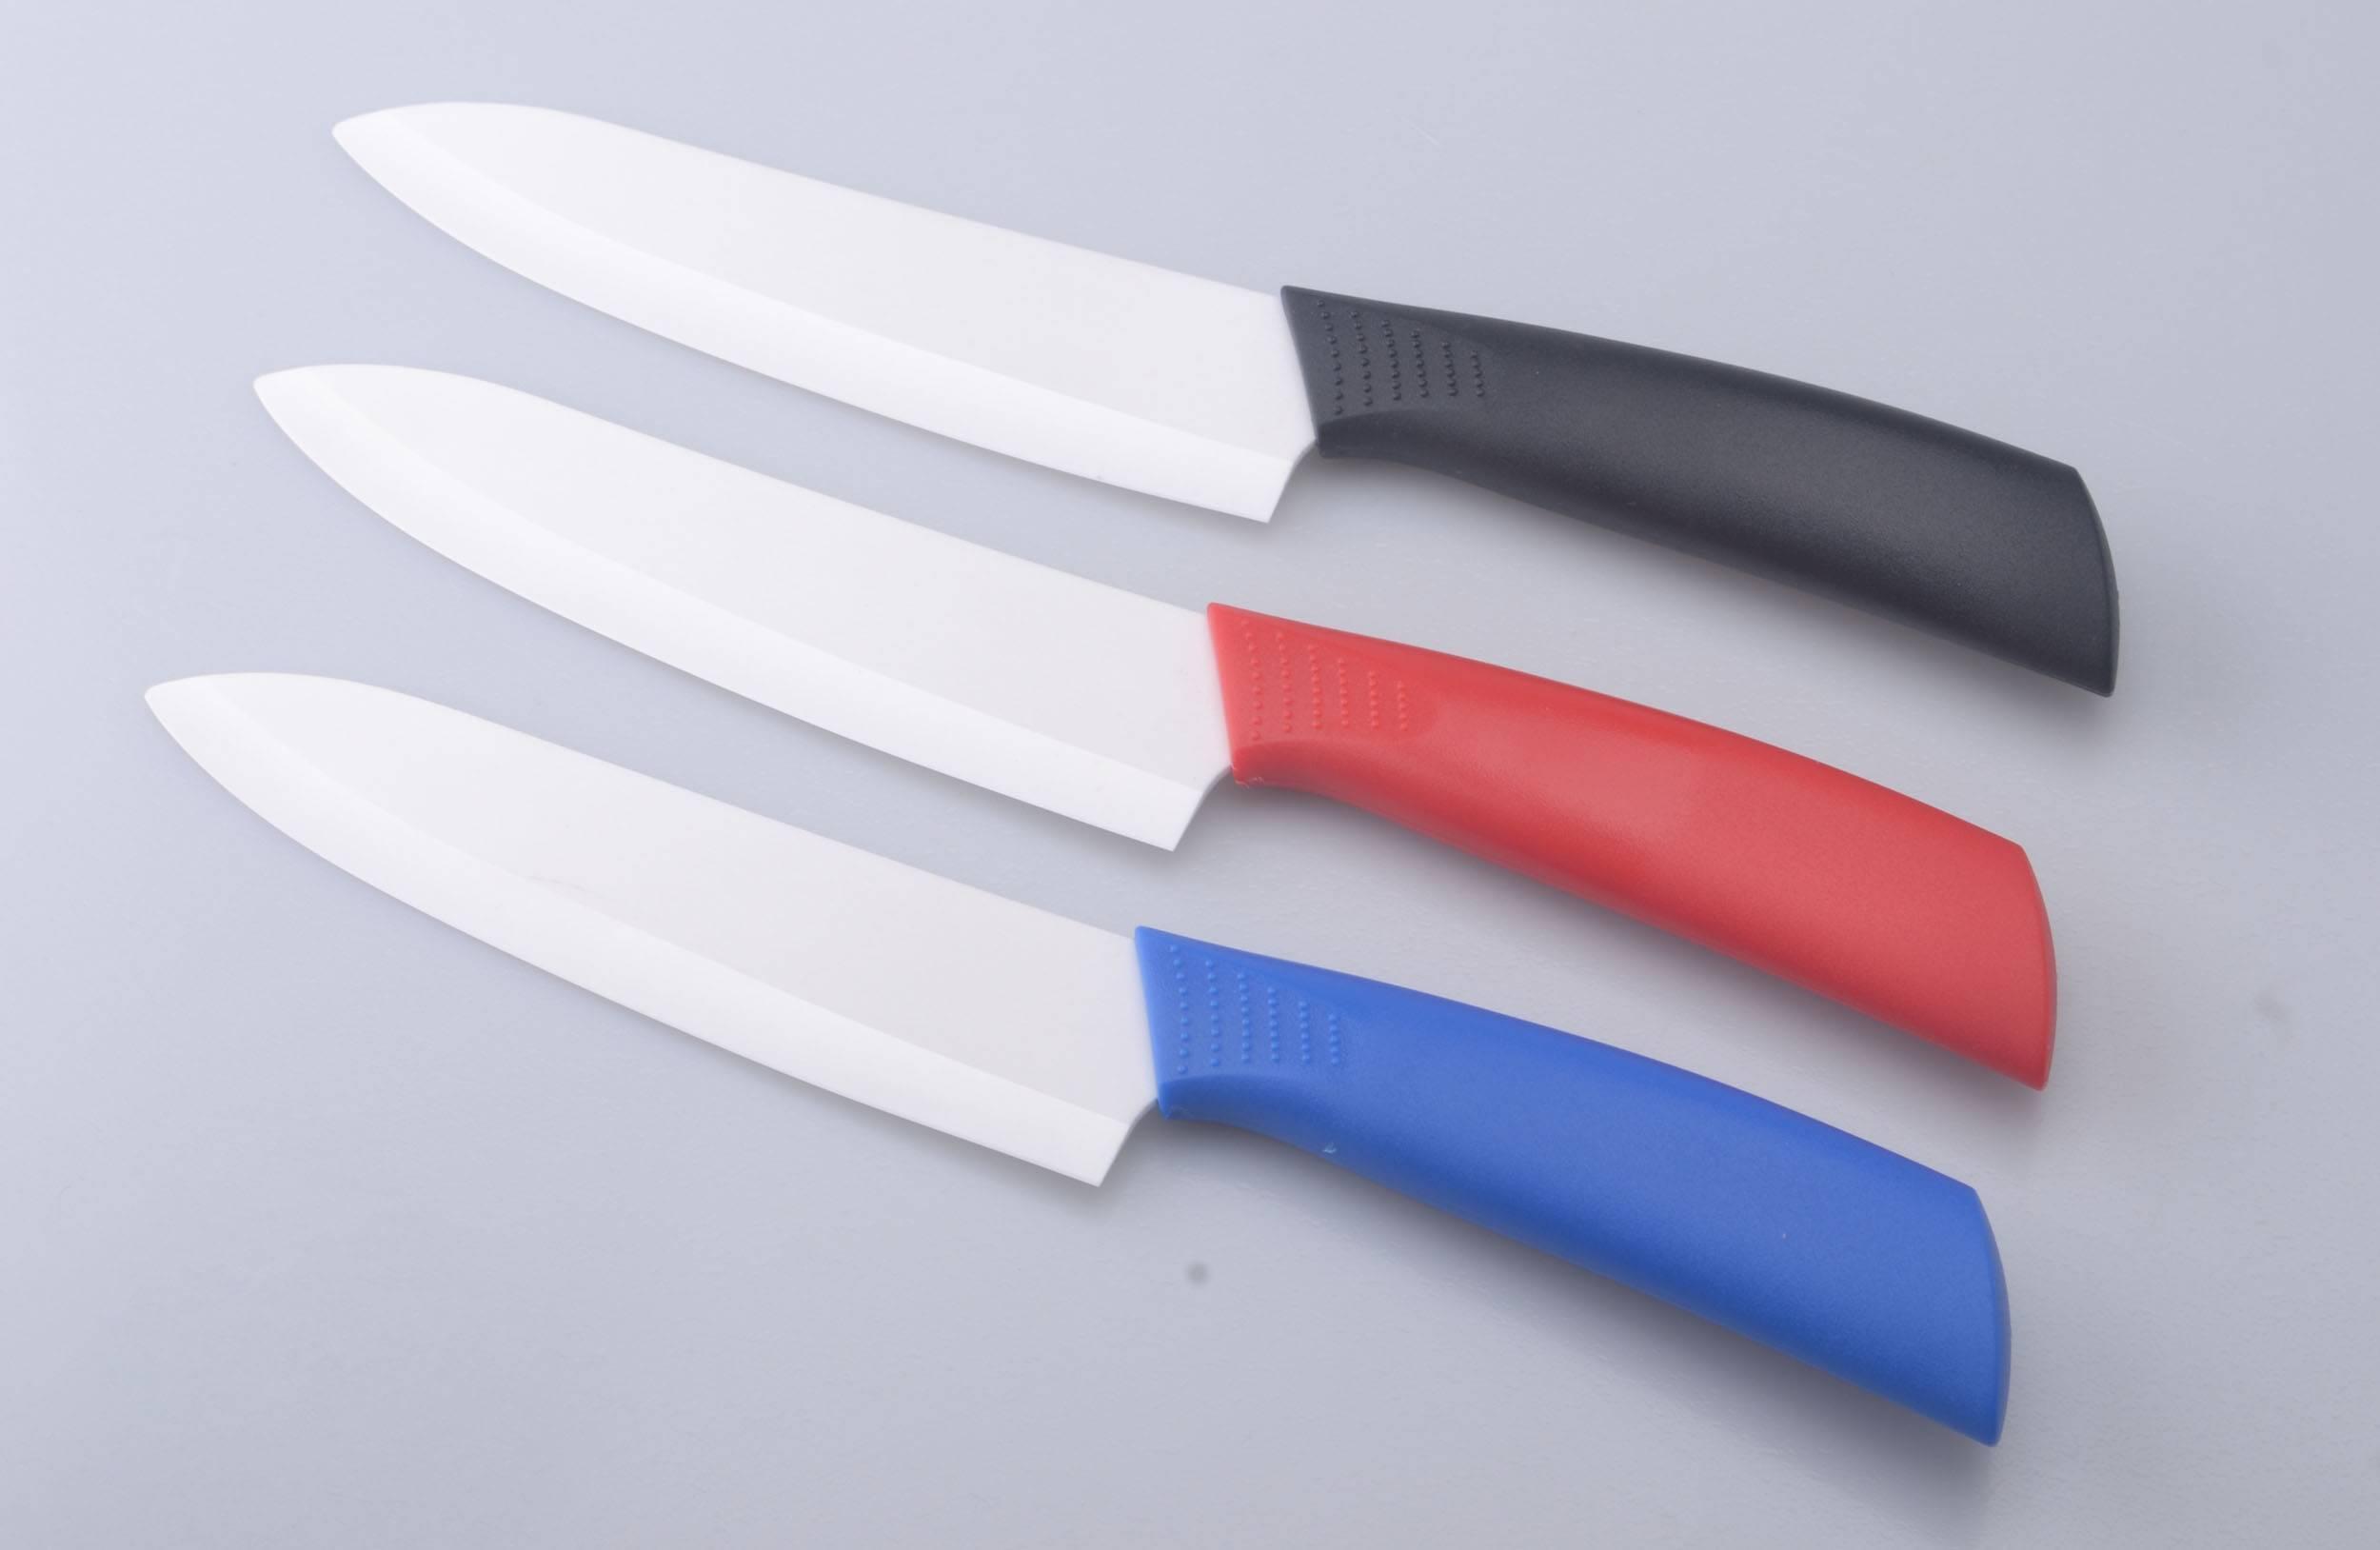 6 inch ceramic knife